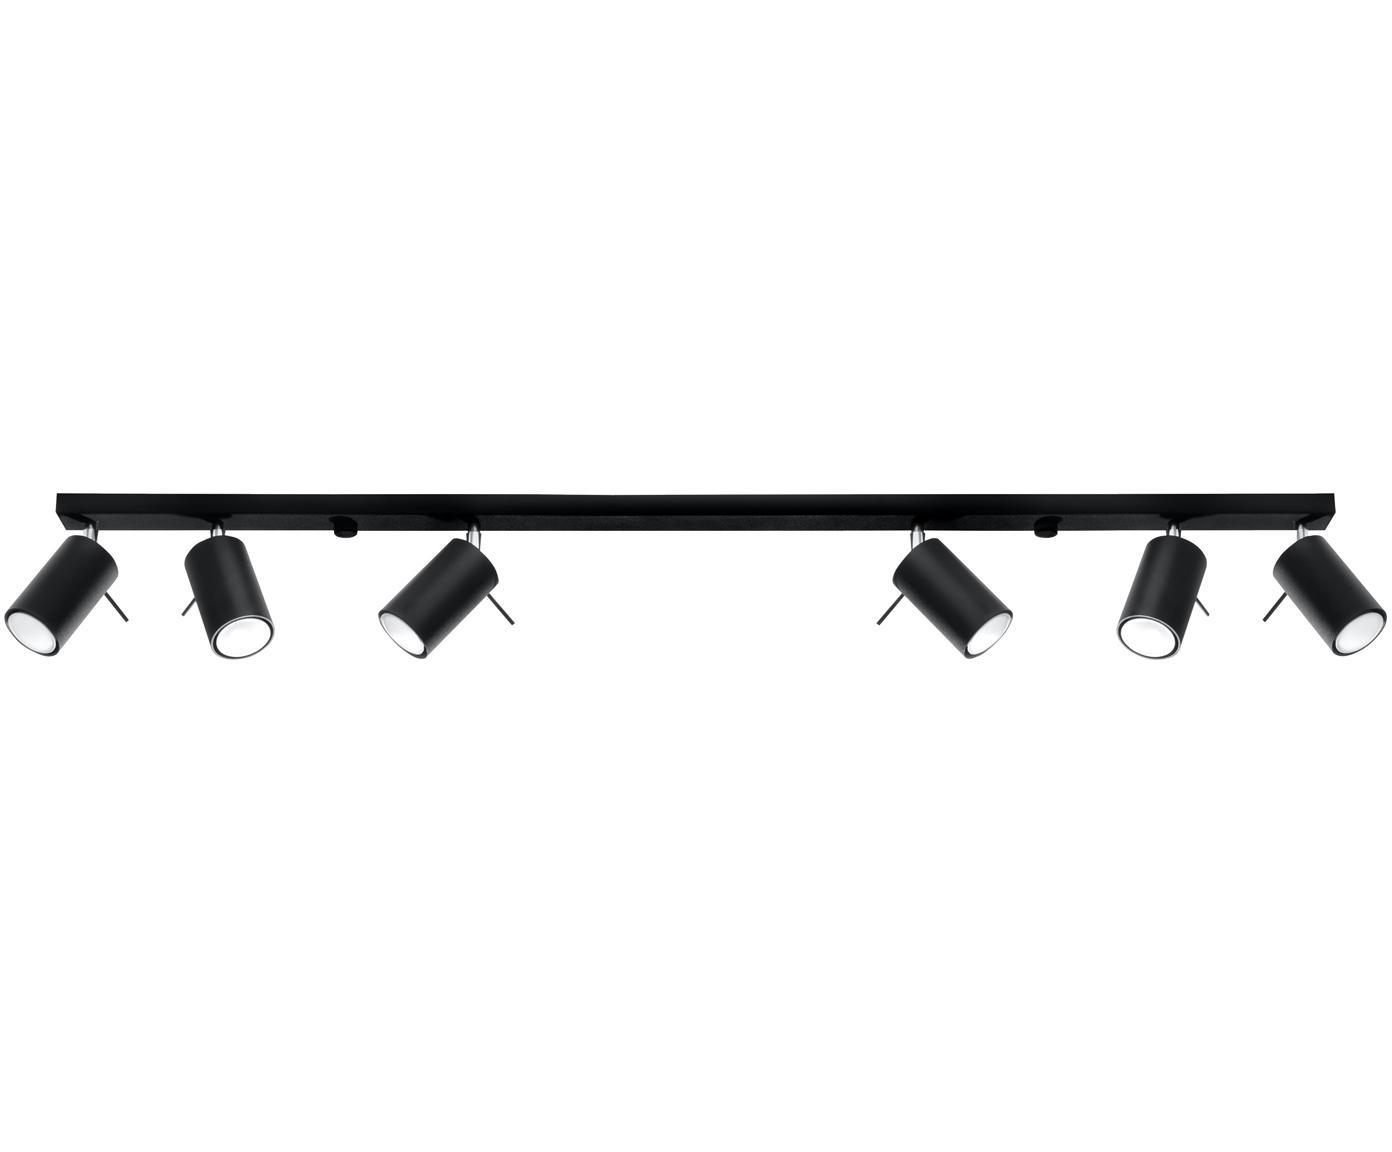 Faretti da soffitto Etna, Acciaio, Nero, Larg. 117 x Alt. 16 cm